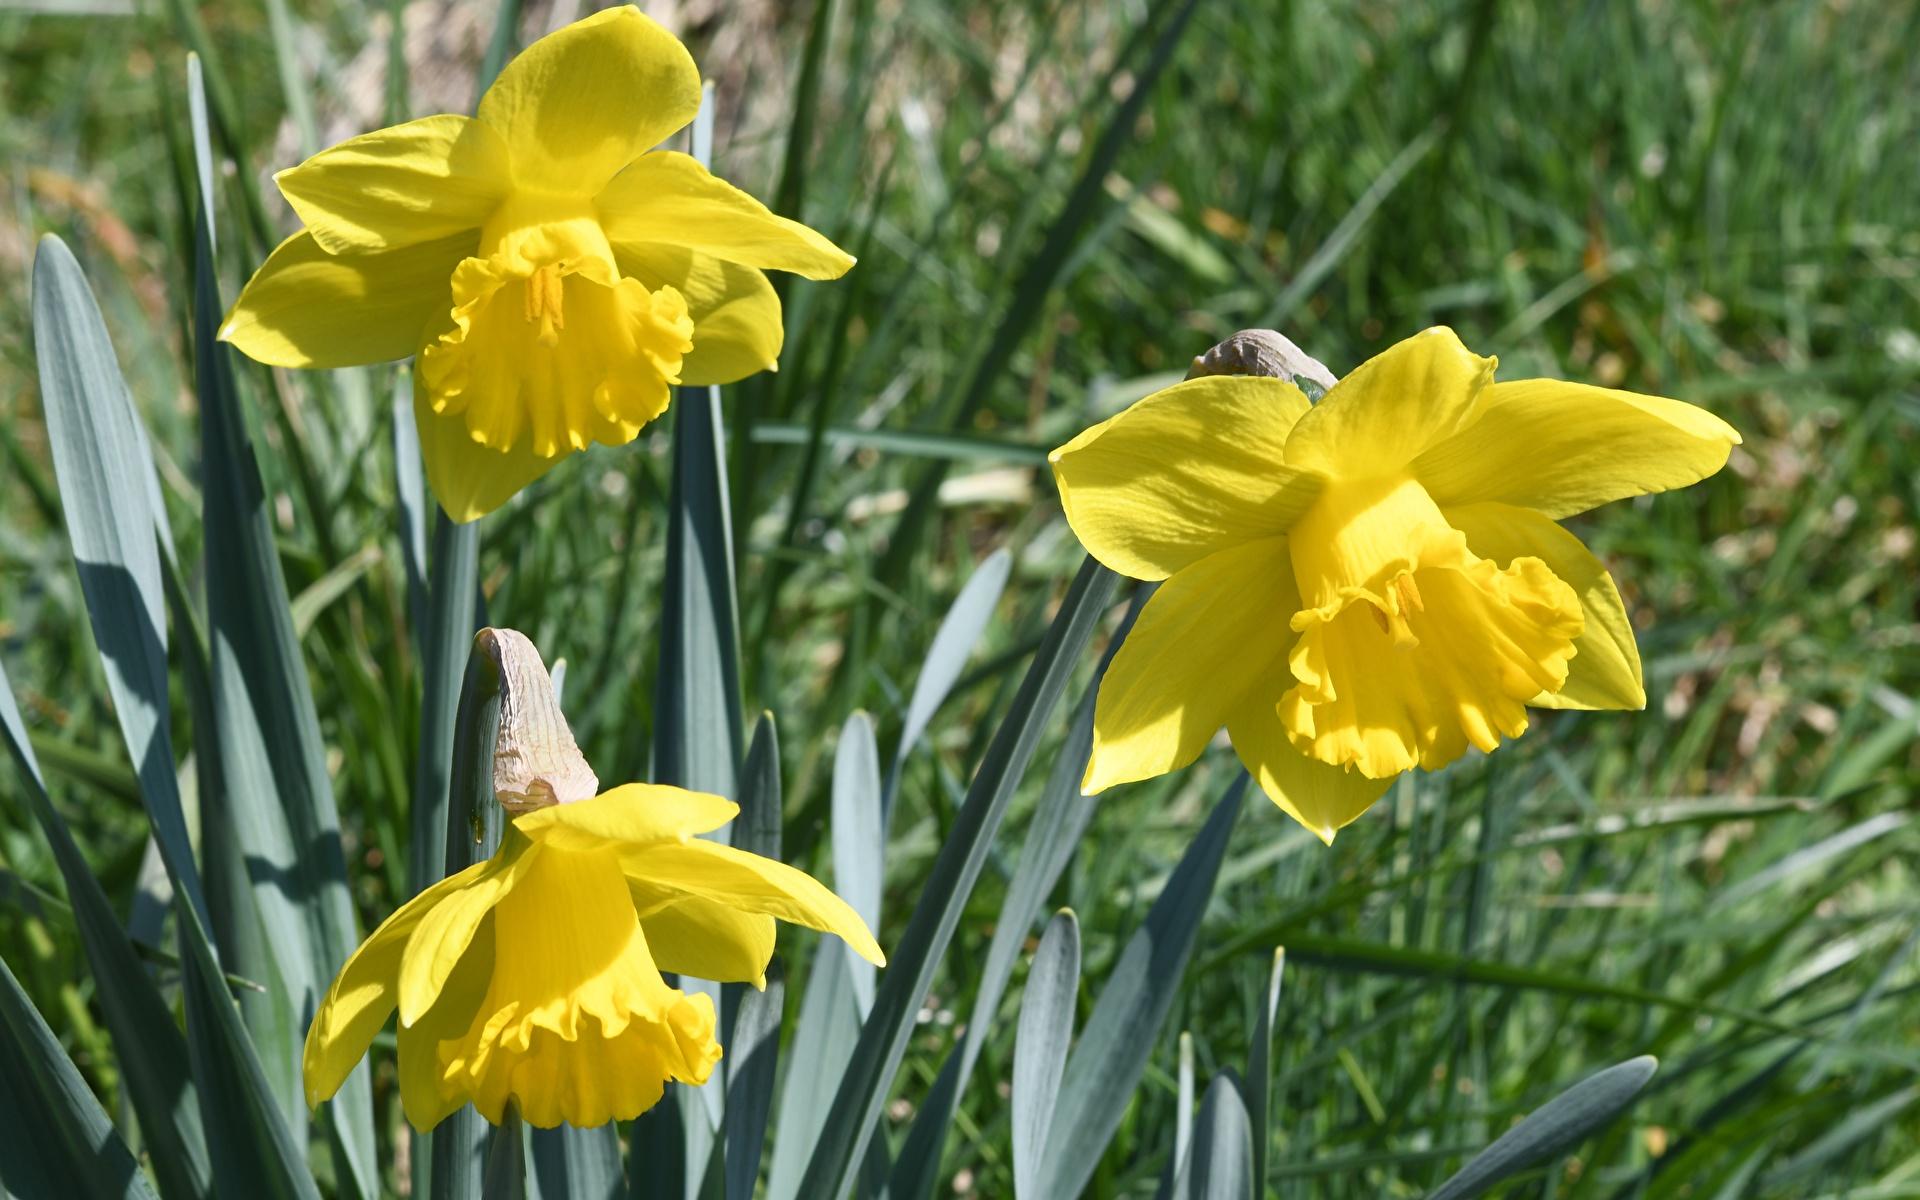 Фото желтая Цветы Нарциссы Крупным планом 1920x1200 Желтый желтые желтых цветок вблизи